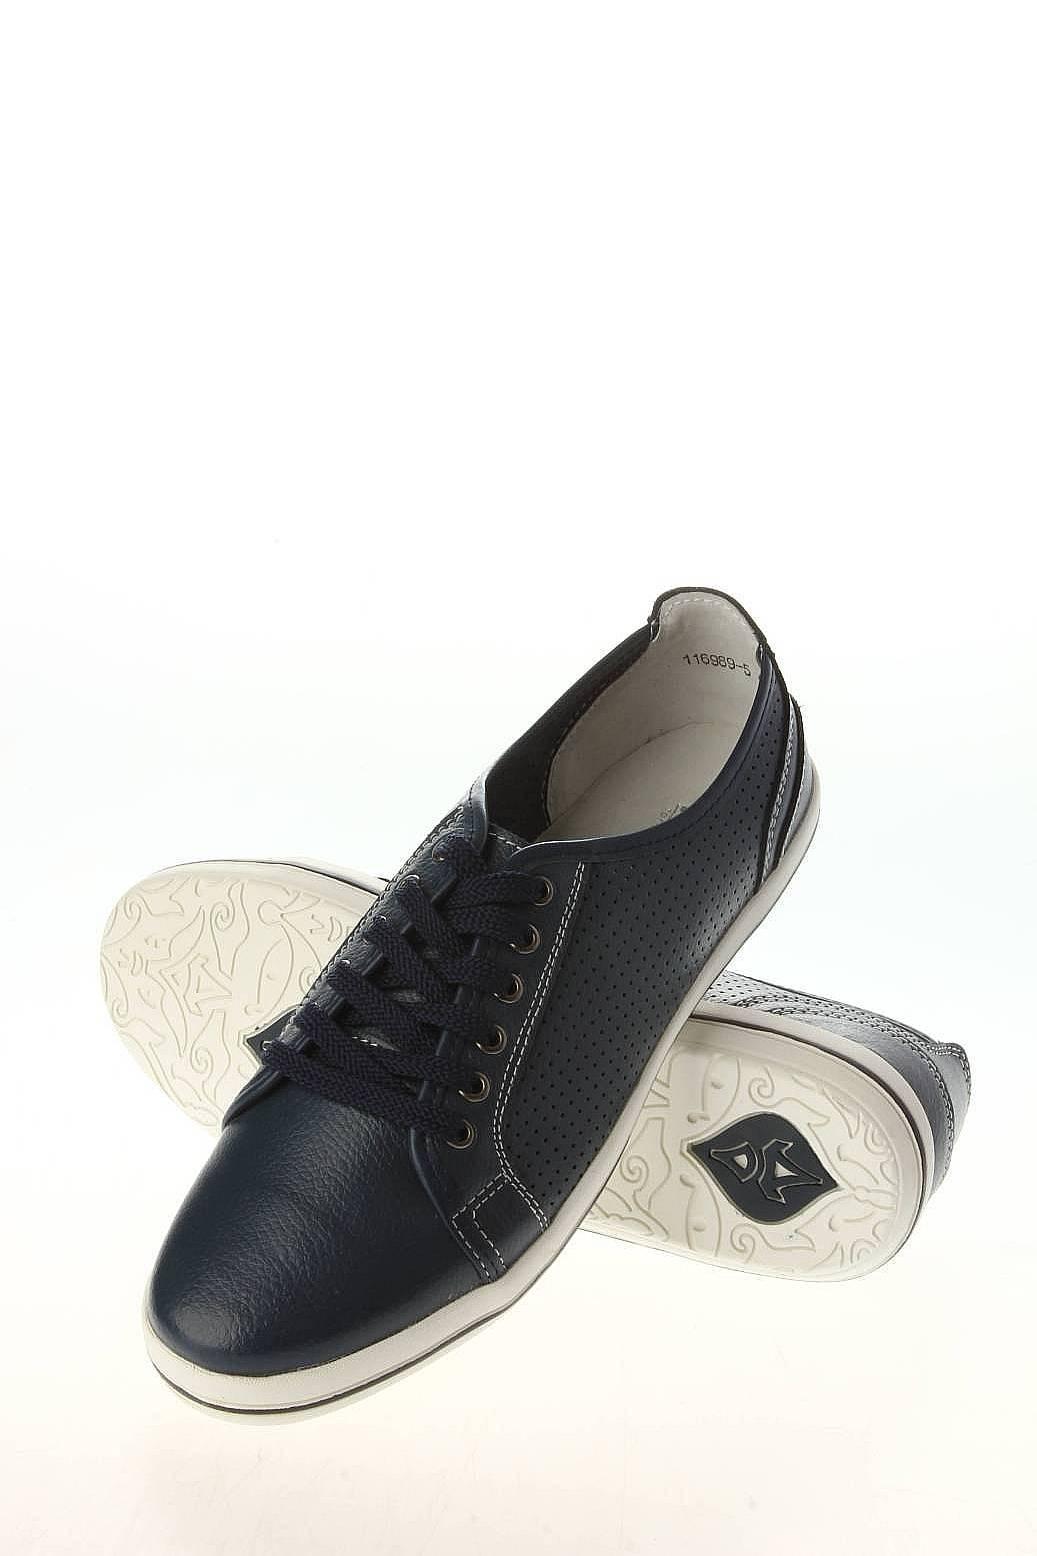 Мужская Обувь Туфли: Tofa Обувь